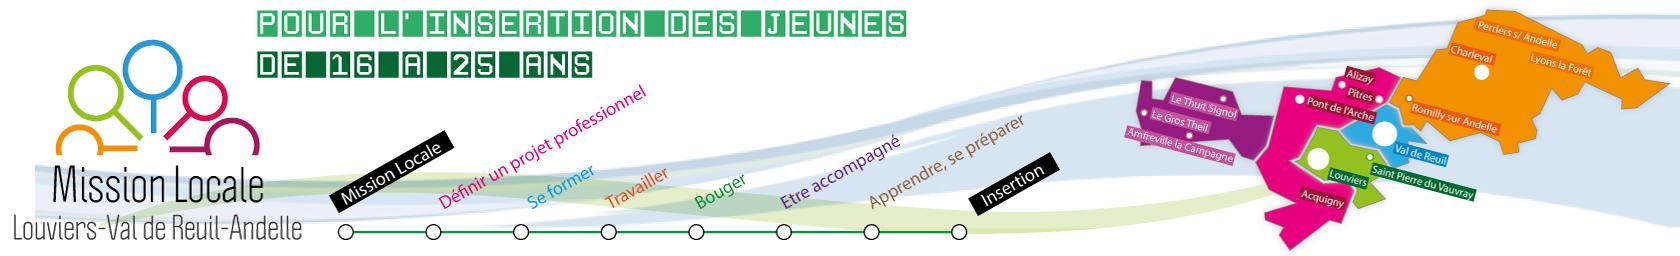 Mission Locale Louviers-Val de Reuil-Andelle